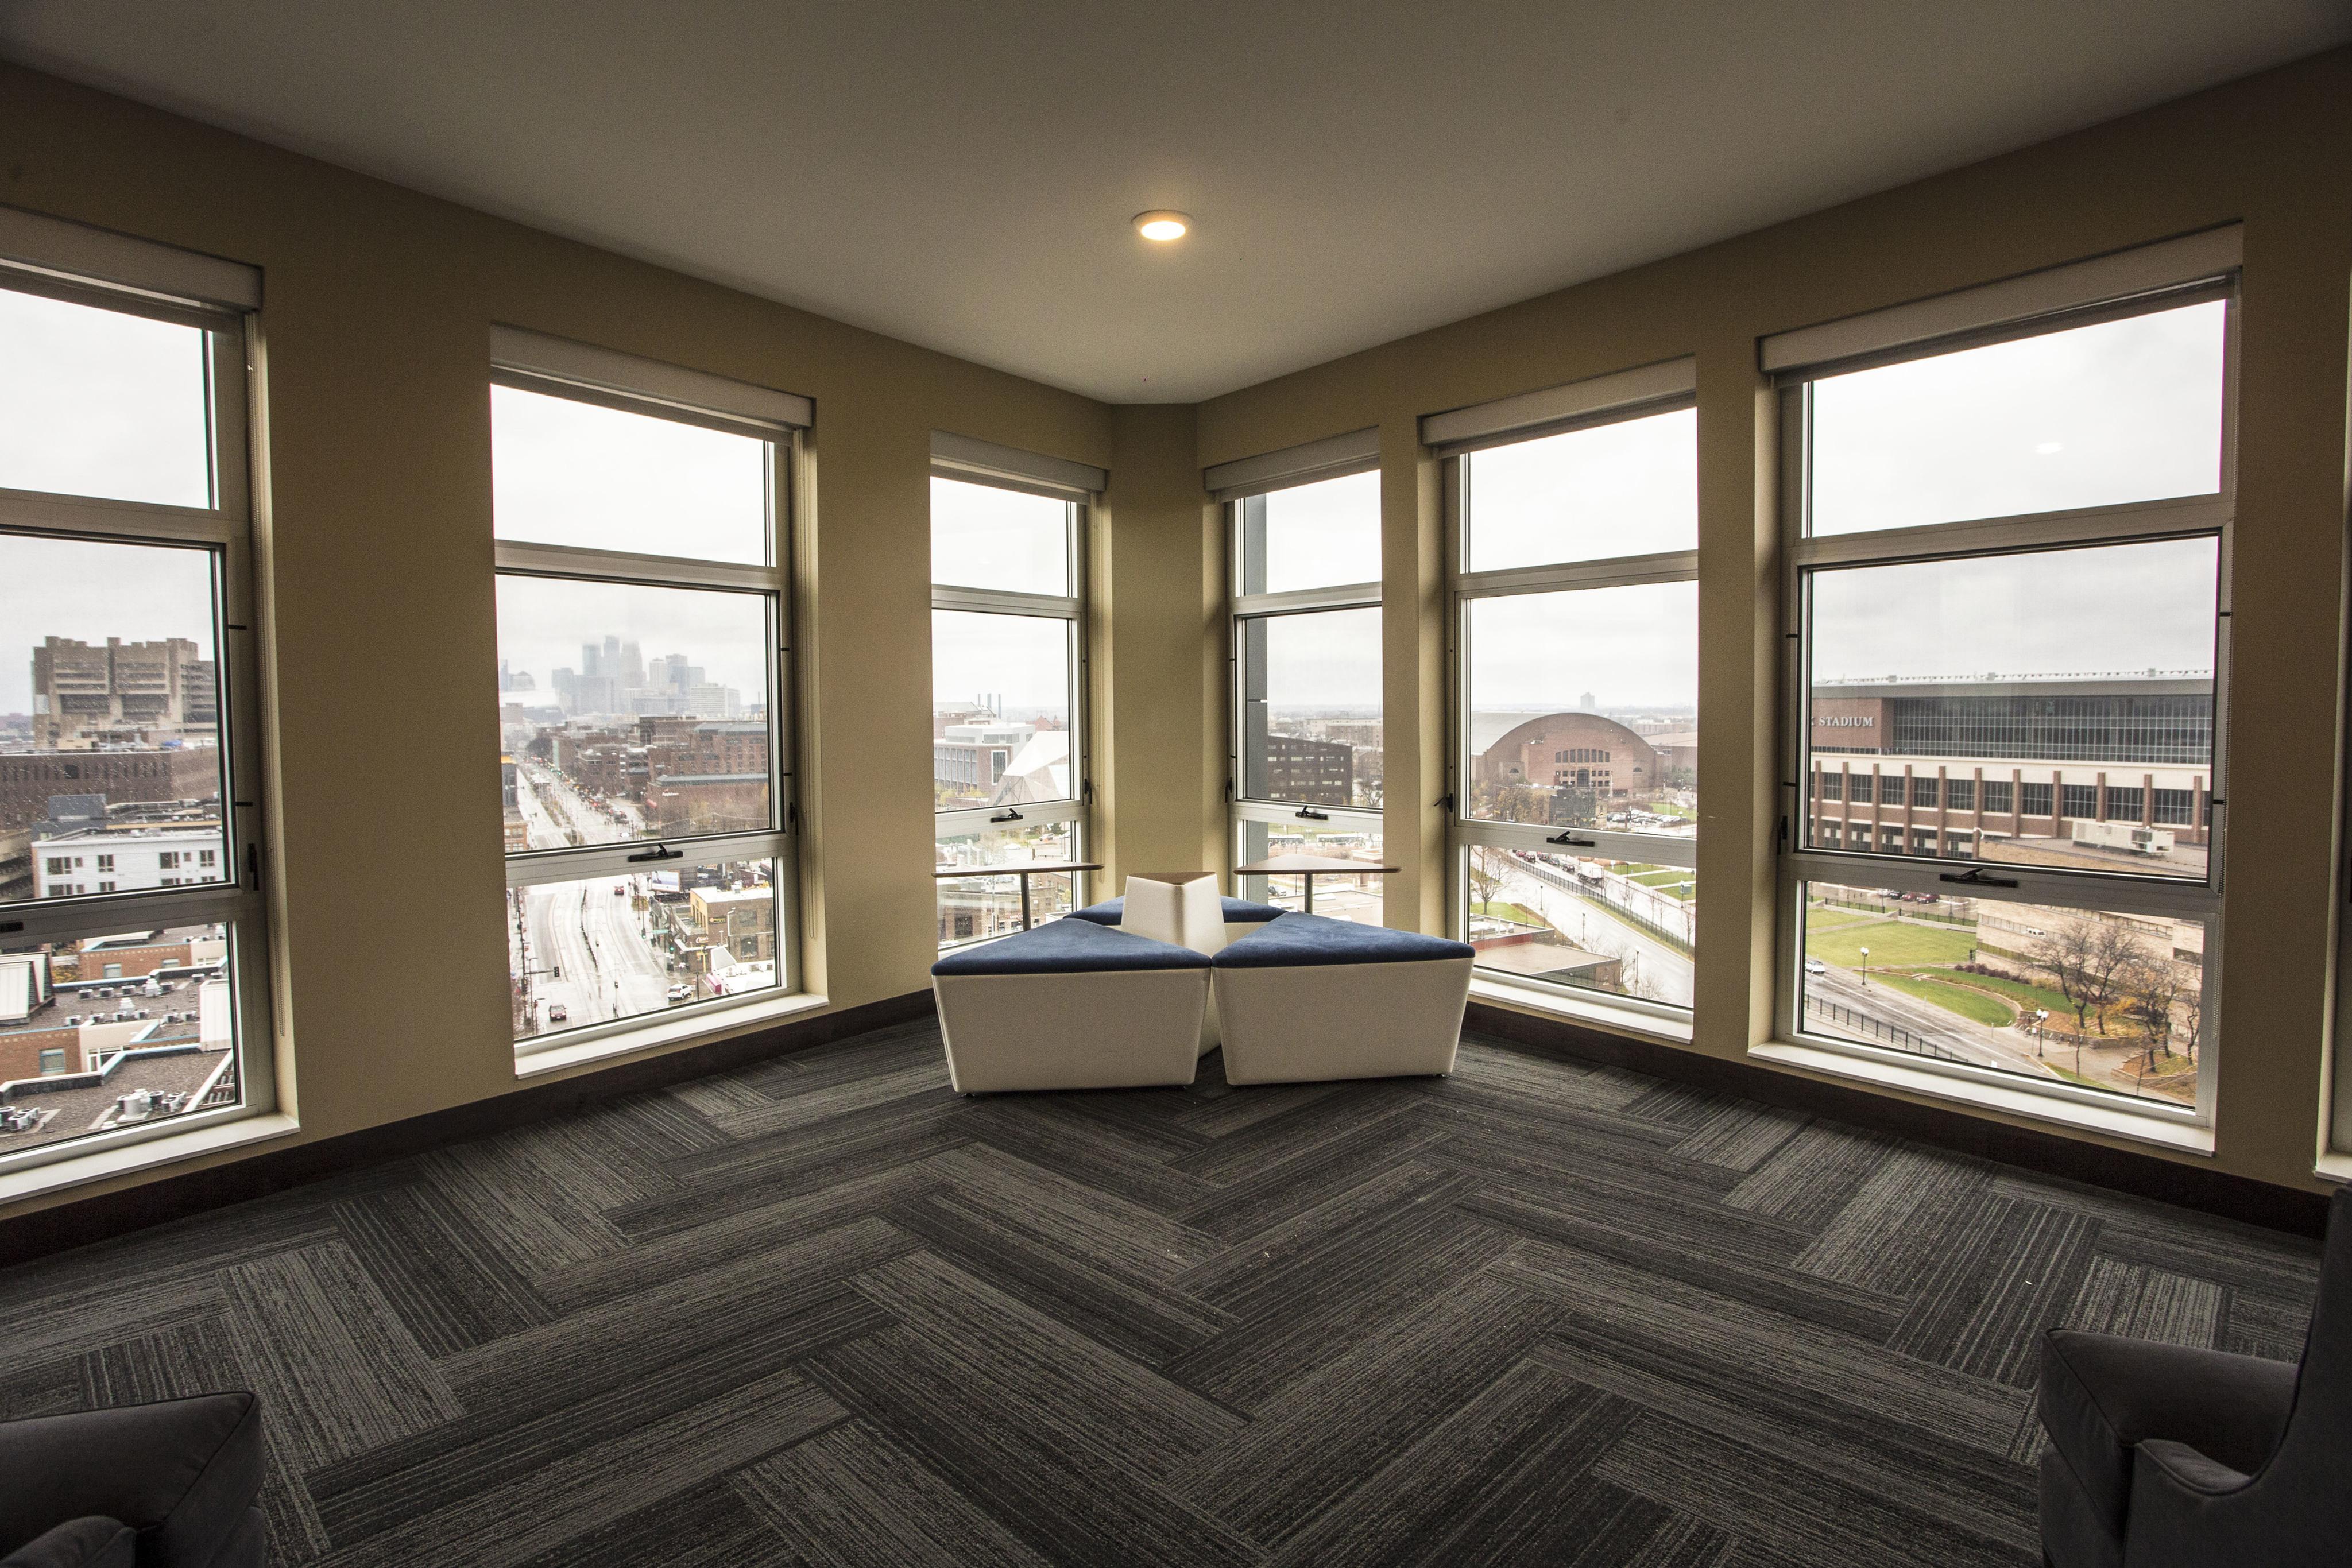 WaHu Apartments image 17